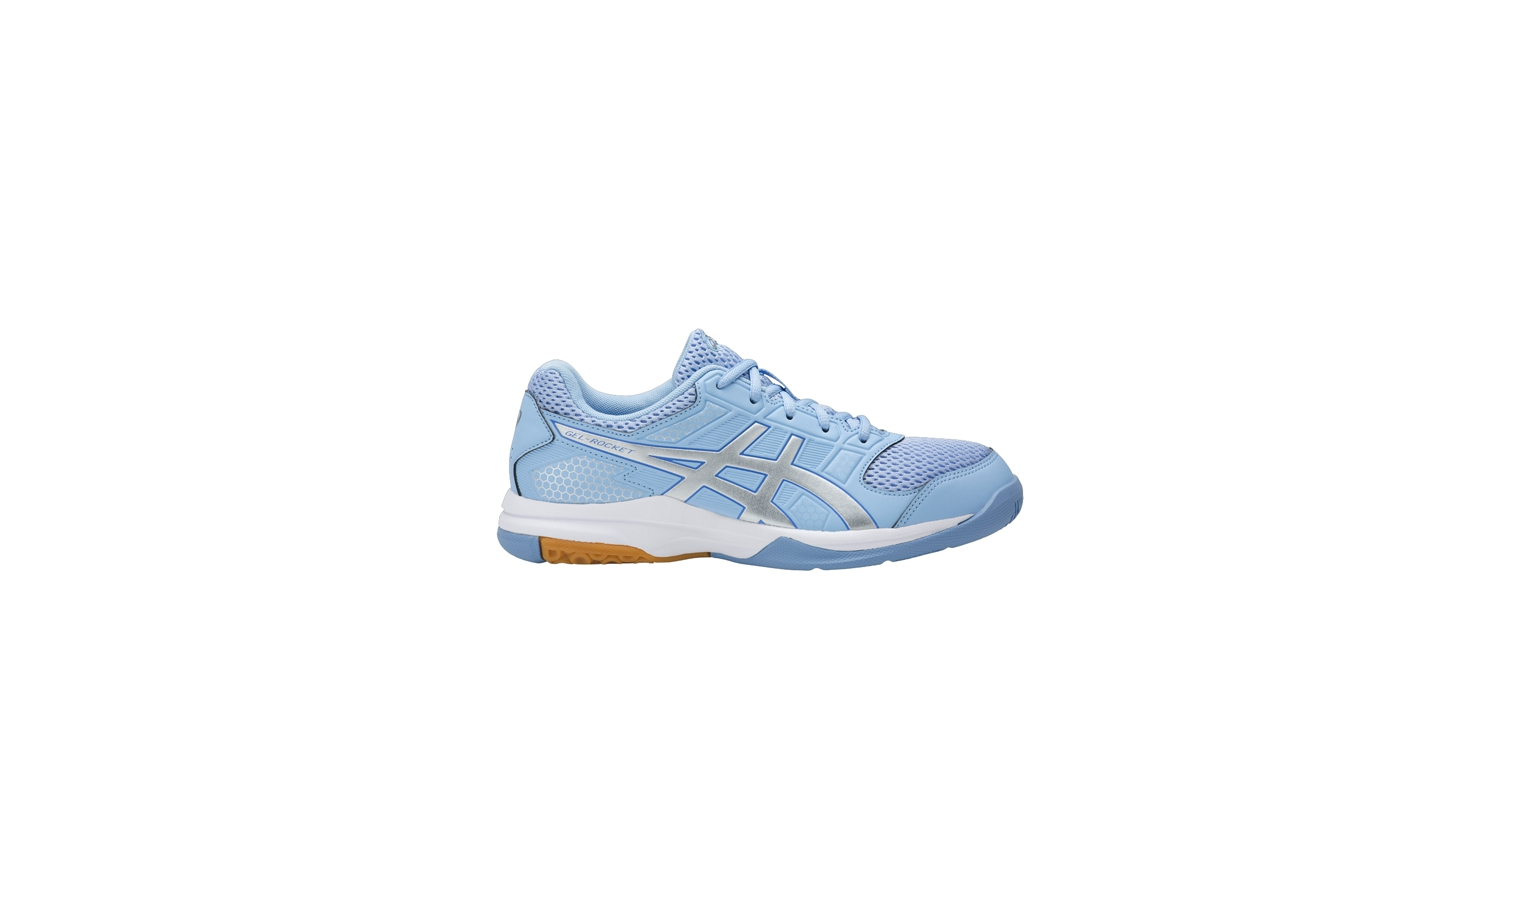 fc68afa1fe9 ... Dámske volejbalové topánky Asics GEL-ROCKET 8 W modré. Zľava